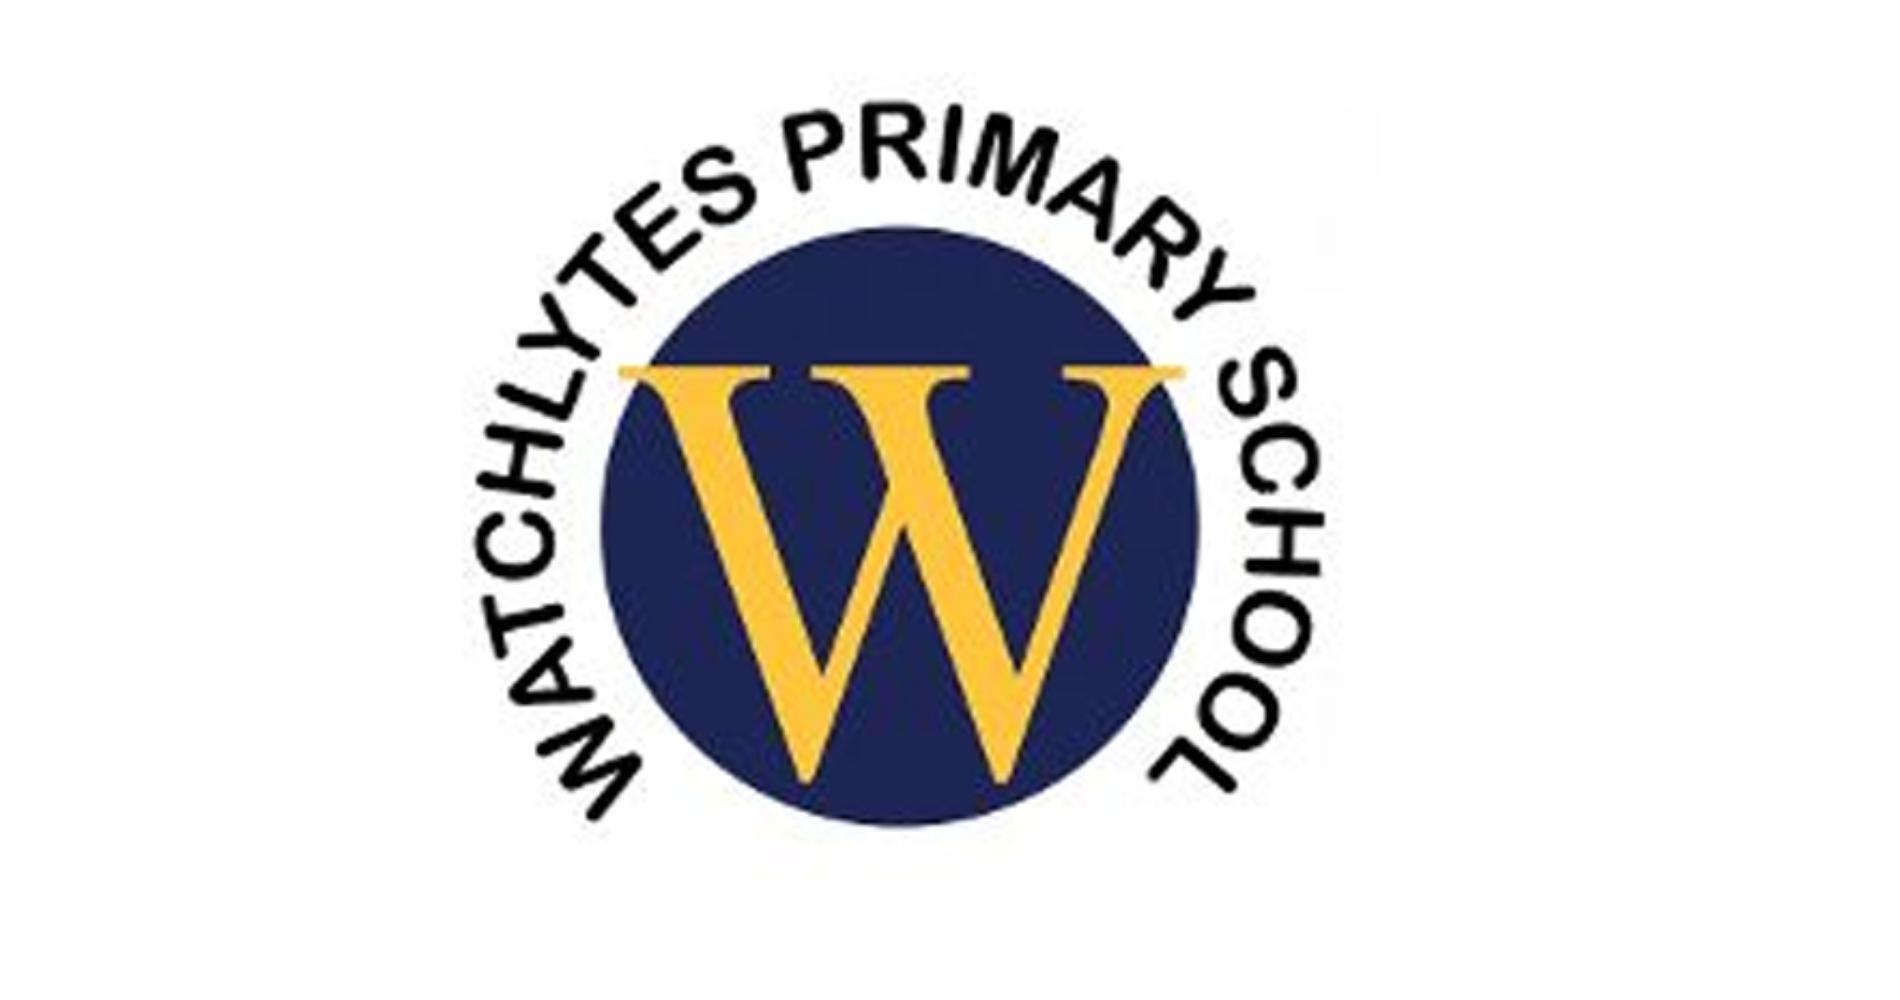 Watchlytes Primary School